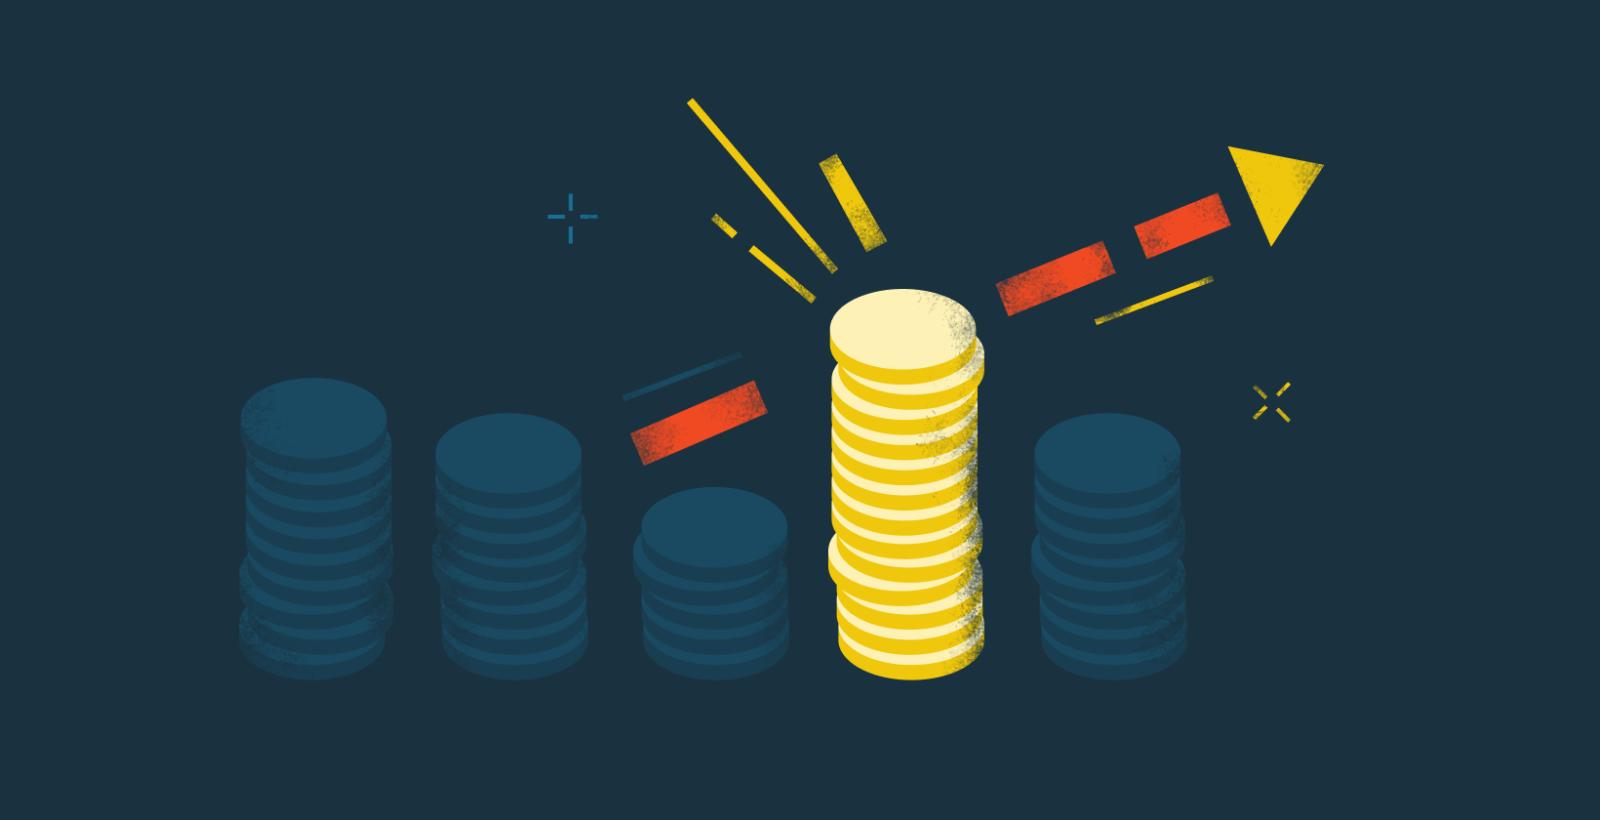 Банки рейтинг иллюстрация